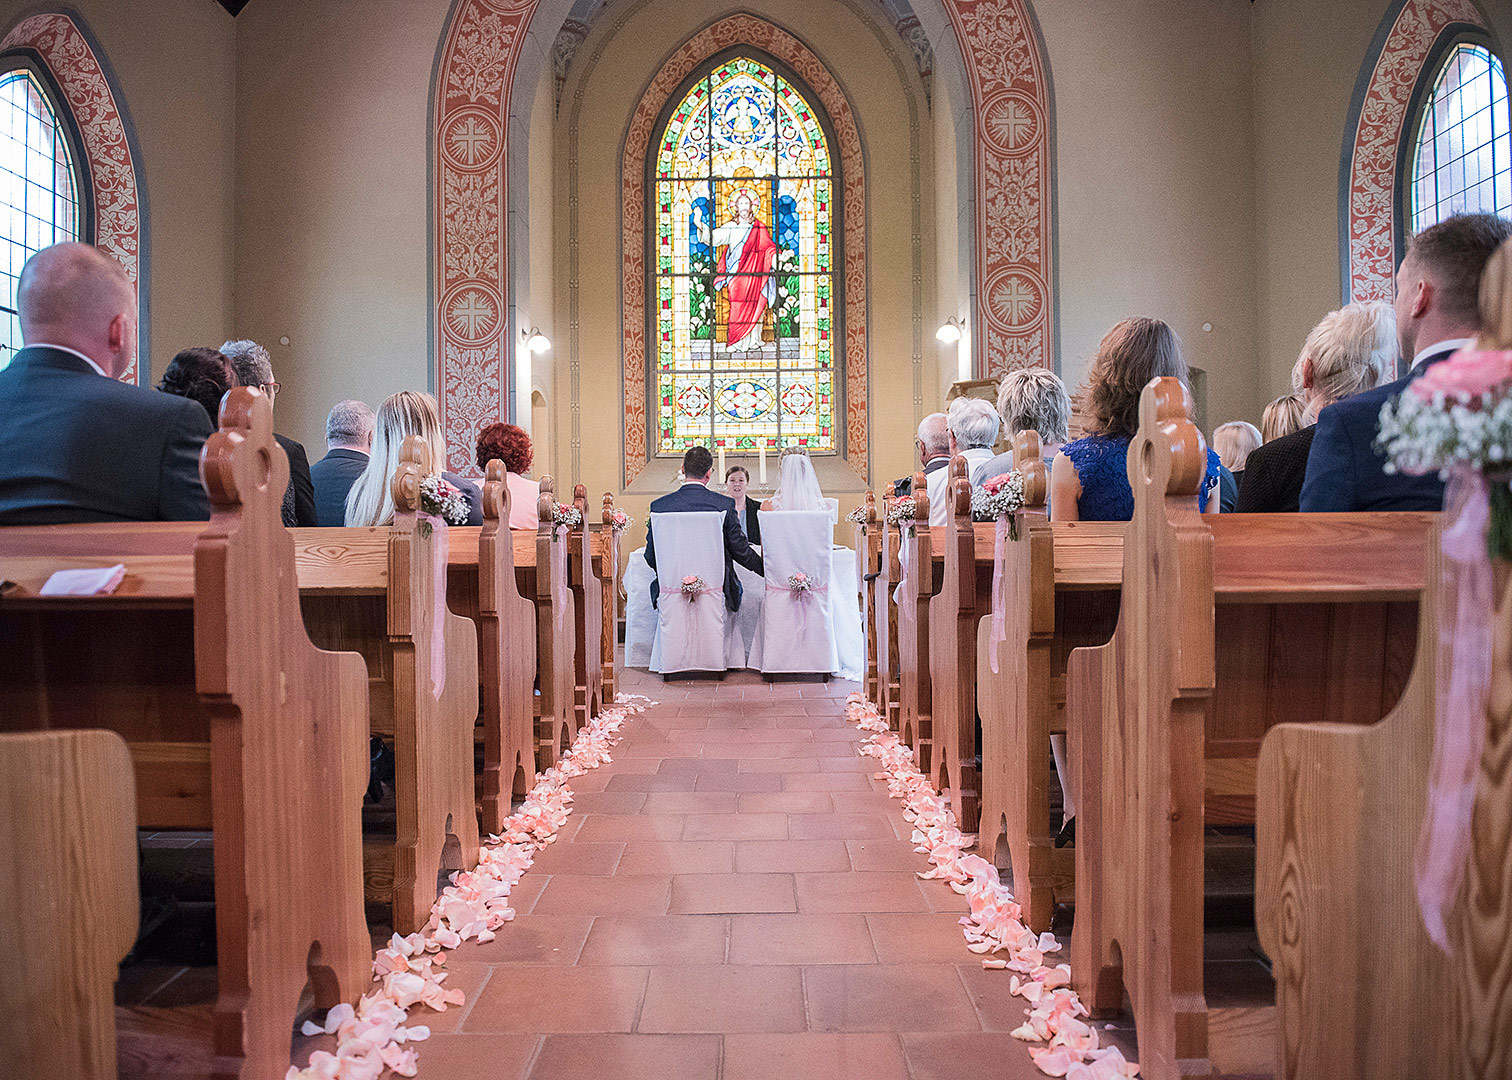 einzug in die kirch, hochzeit,kirchliche trauung, hochzeitsfotograf, hochzeitsfotos berlin, bad belzig, waldkappelle, springbachmühle bad belzig, hochzeitspaar, fotograf berlin, fotoshooting berlin, heiraten in der kirche